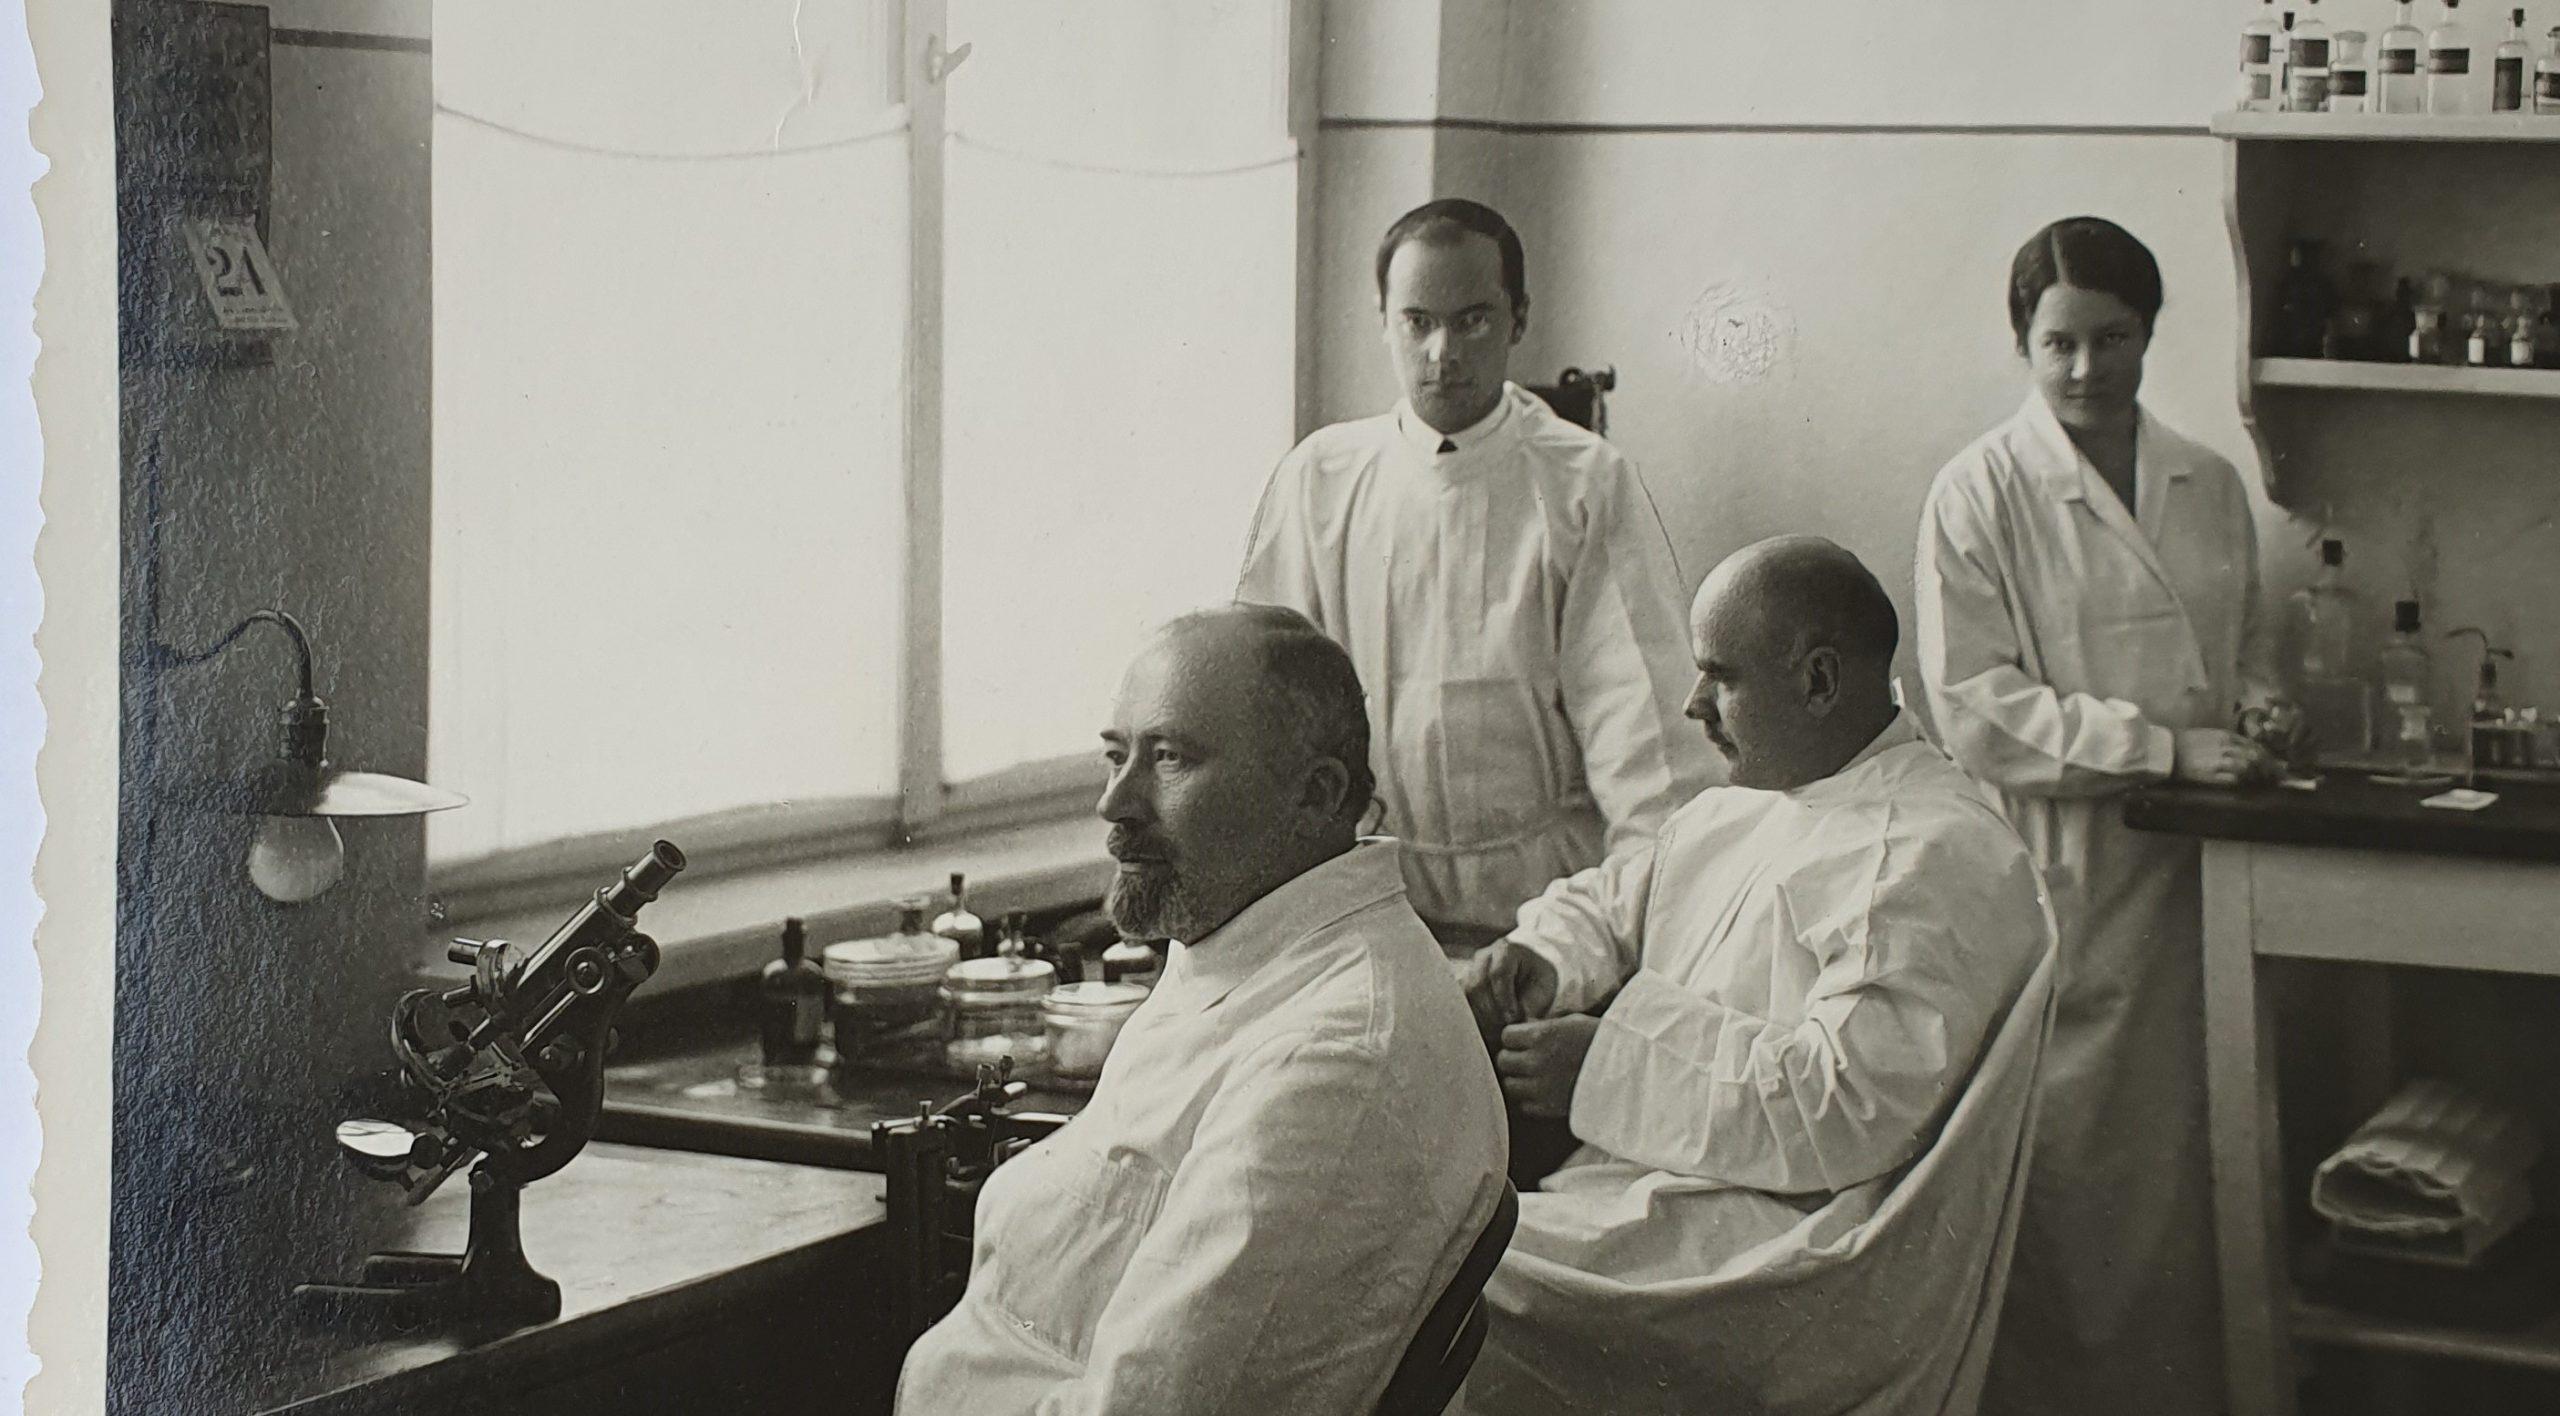 Medicinos darbuotojų dieną atsimenu savo senelį Praną Mažylį...